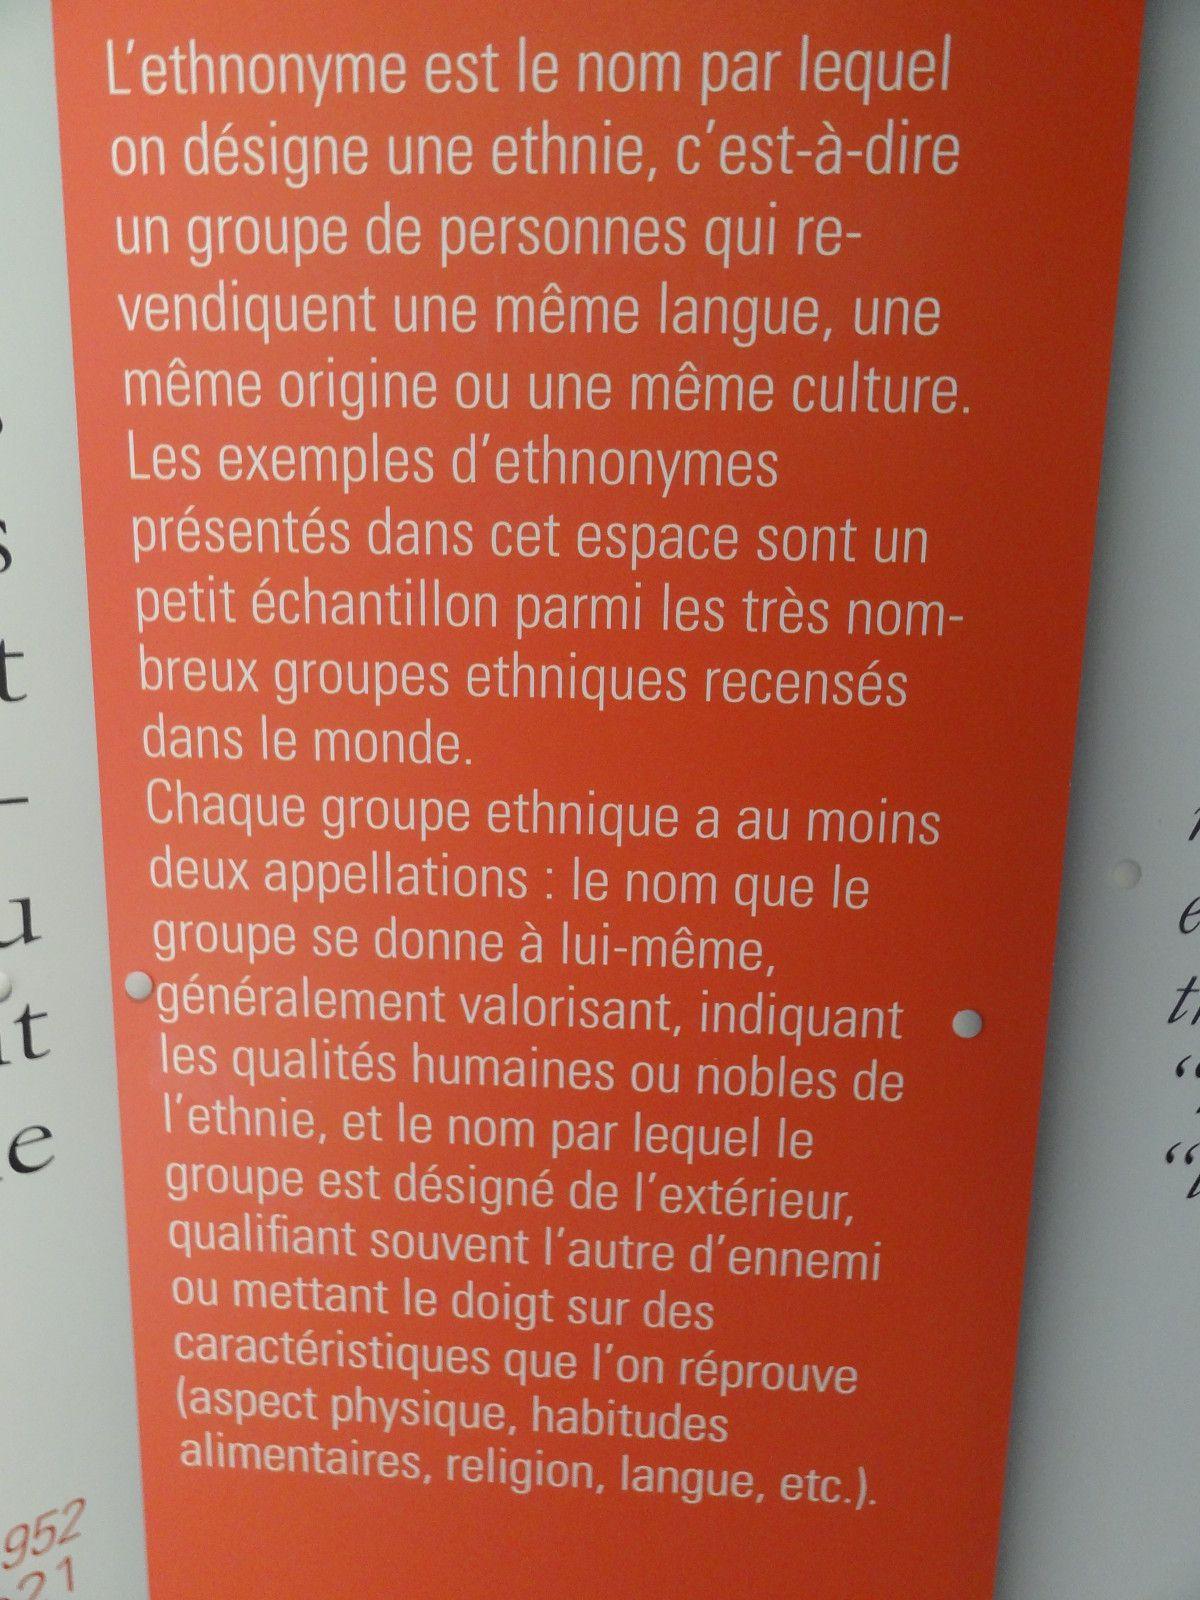 """Le 11 octopbre 2013, les Premières L de l'Iroise ont visité l'exposition """"Tous des sauvages!"""" à l'abbaye de Daoulas."""